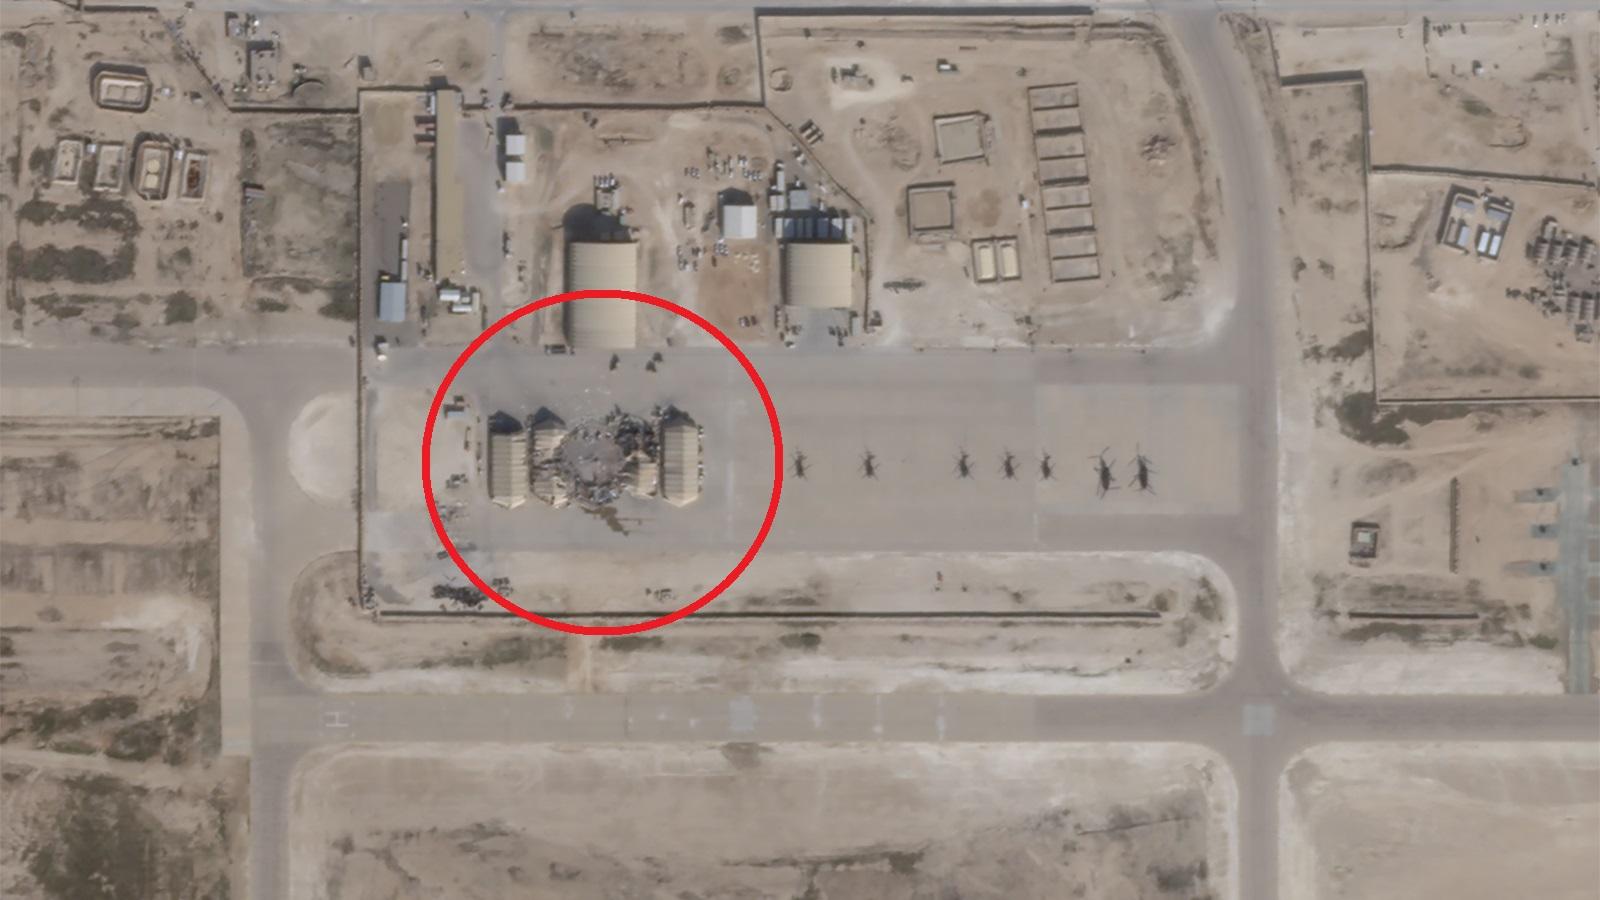 عاجل ايران تقصف قاعدتين في العراق يوجد بها جنود امريكيين واستنفار كبير في اسرائيل  - صفحة 3 7ace050b-6c9a-45f2-b3cb-532d5c85f252